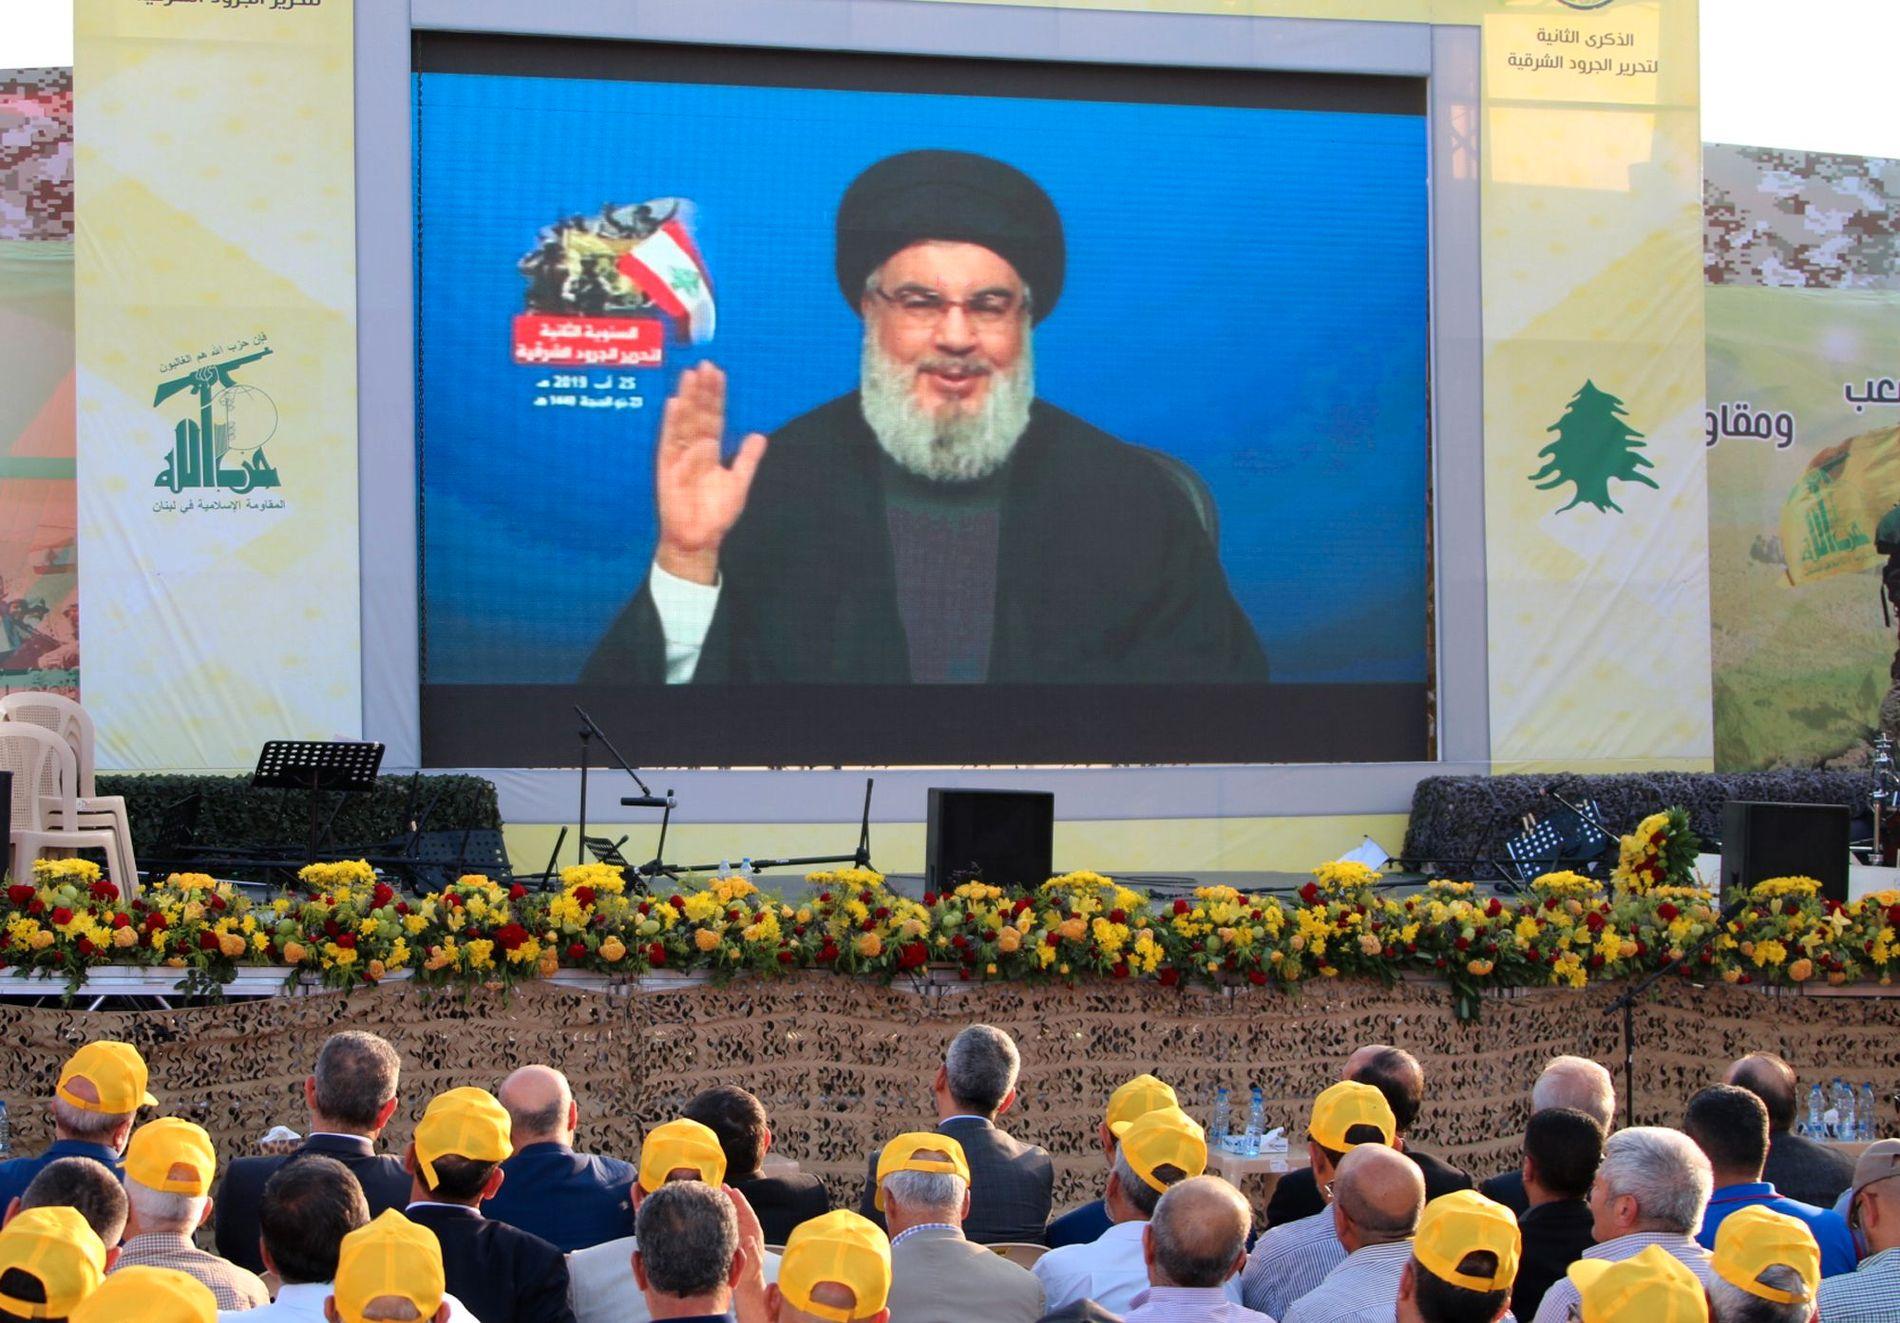 TALTE: Hizbollah-leder Hassan Nasrallah talte til sine tilhengere søndag ettermiddag, kort tid etter den israelske droneangrepet i Beirut.